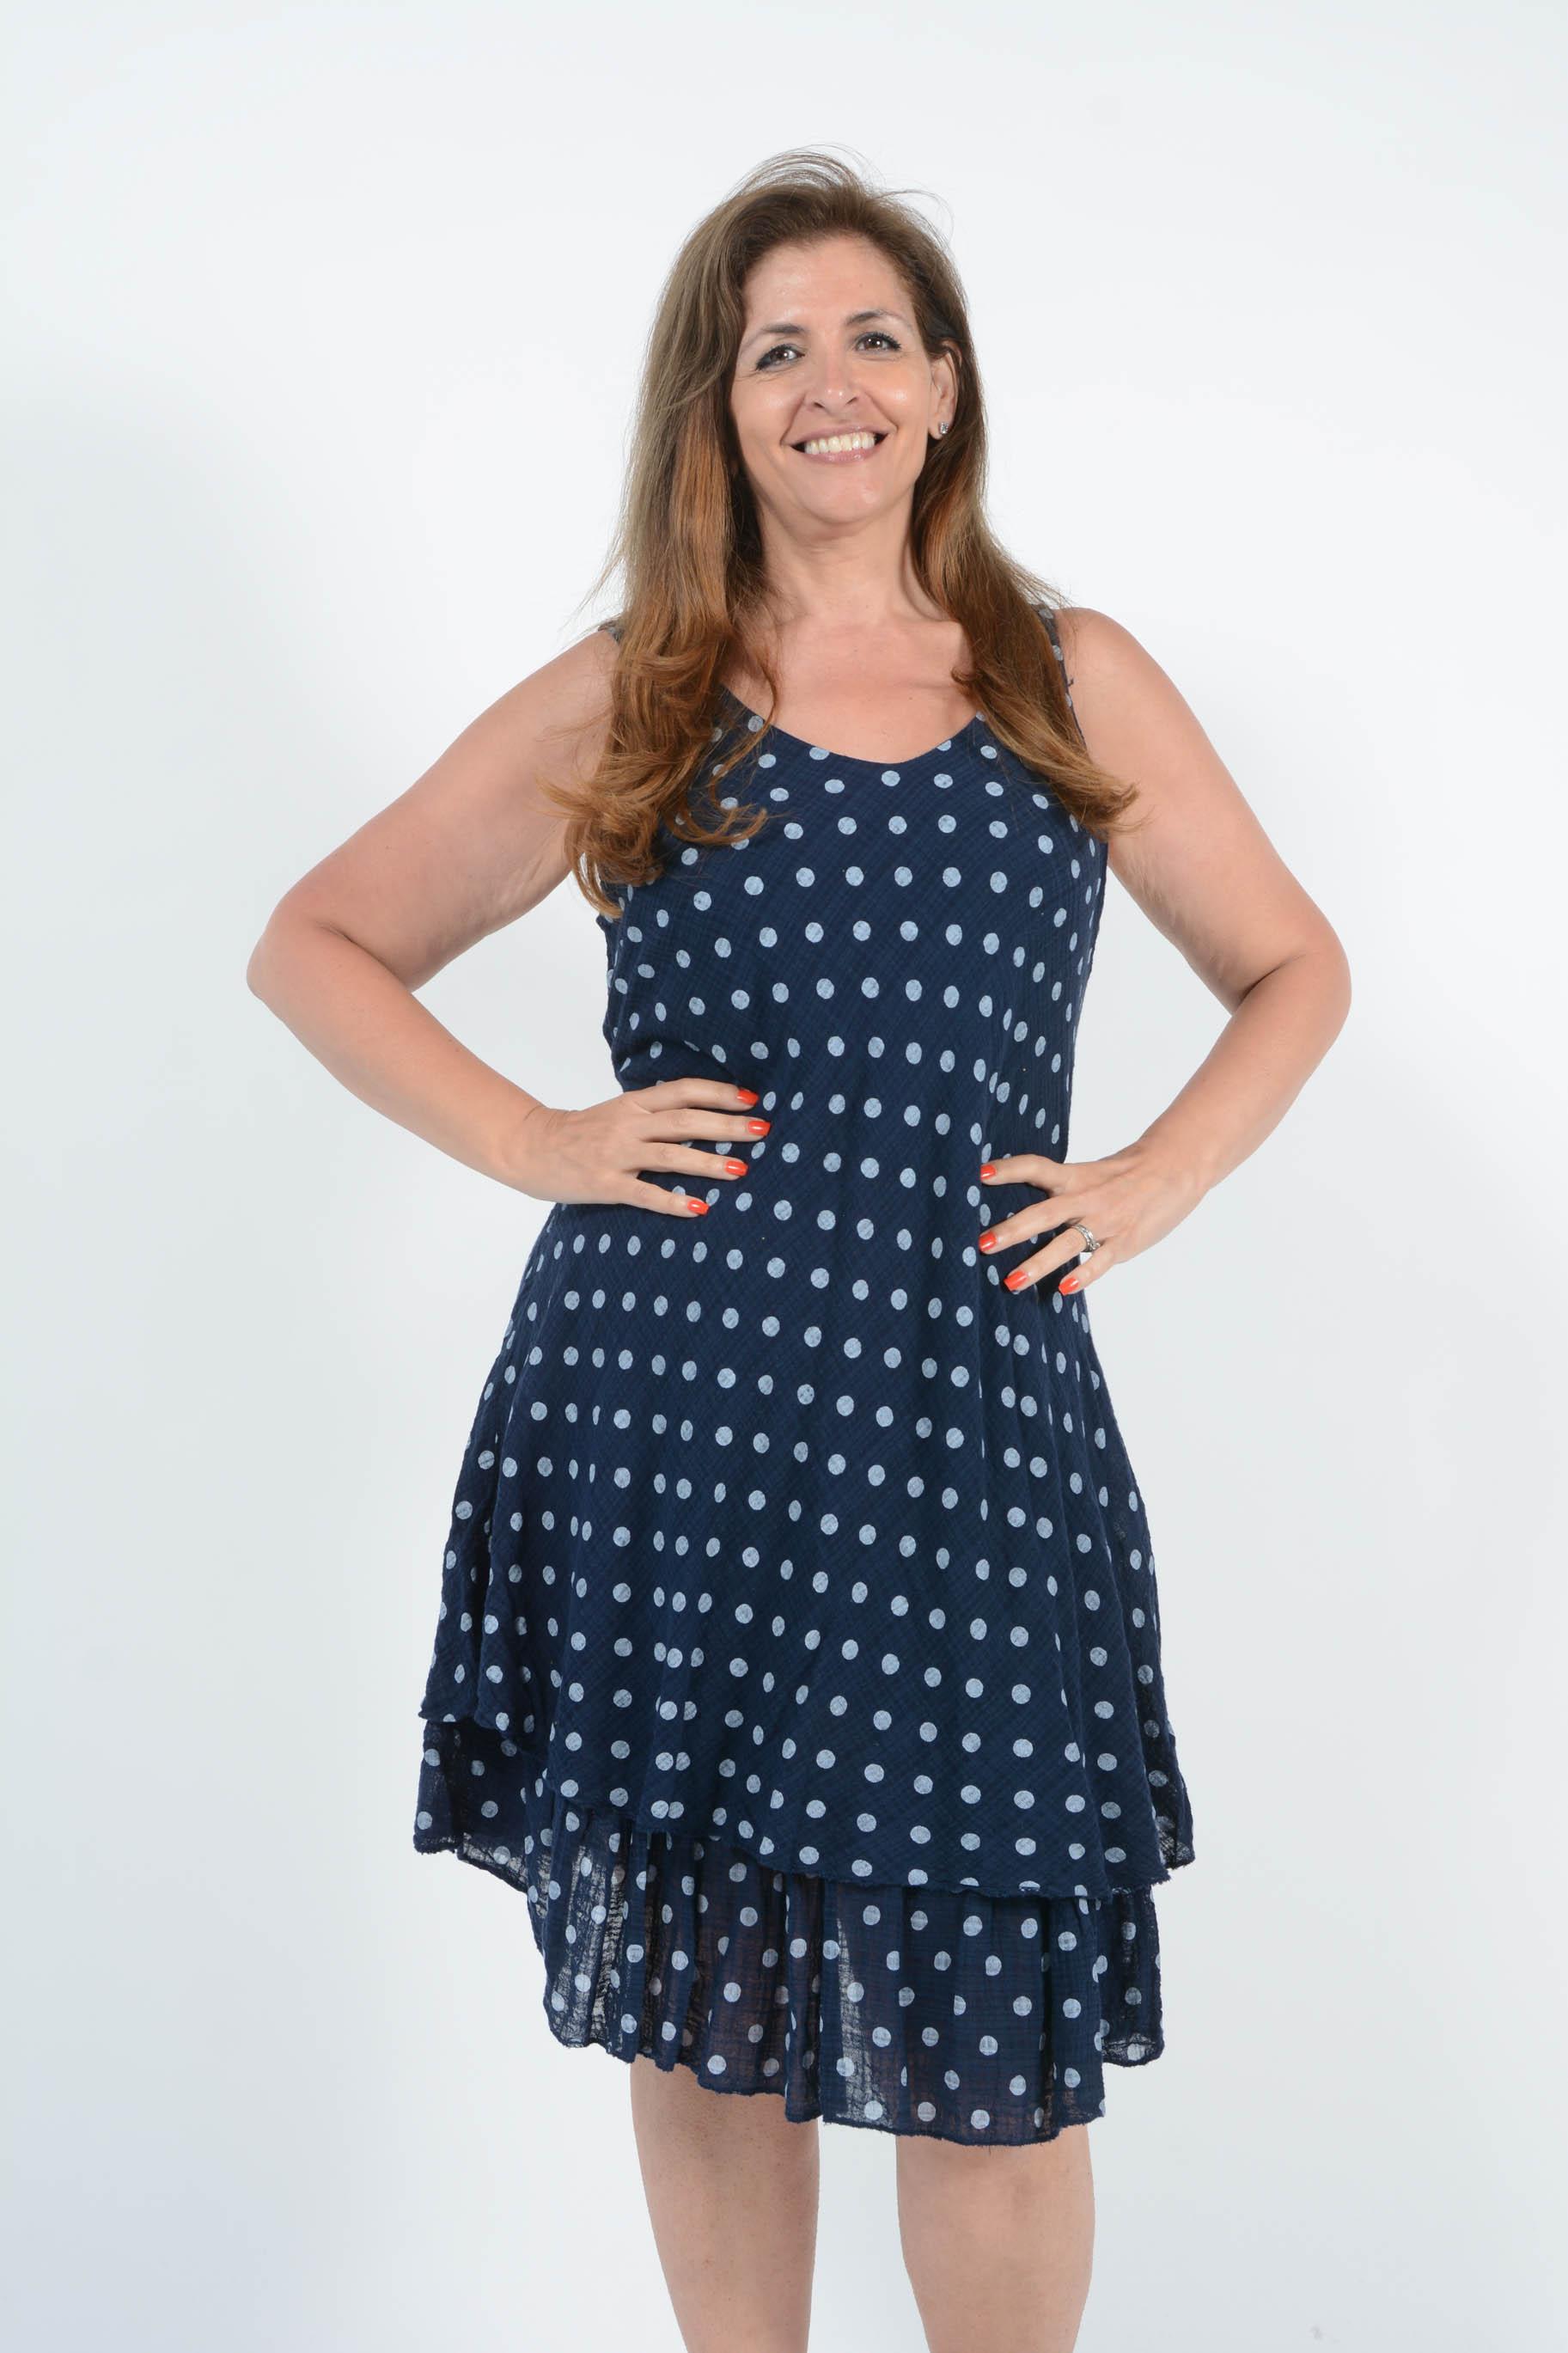 Belle Love Italy Sandy Polka Dot Dress